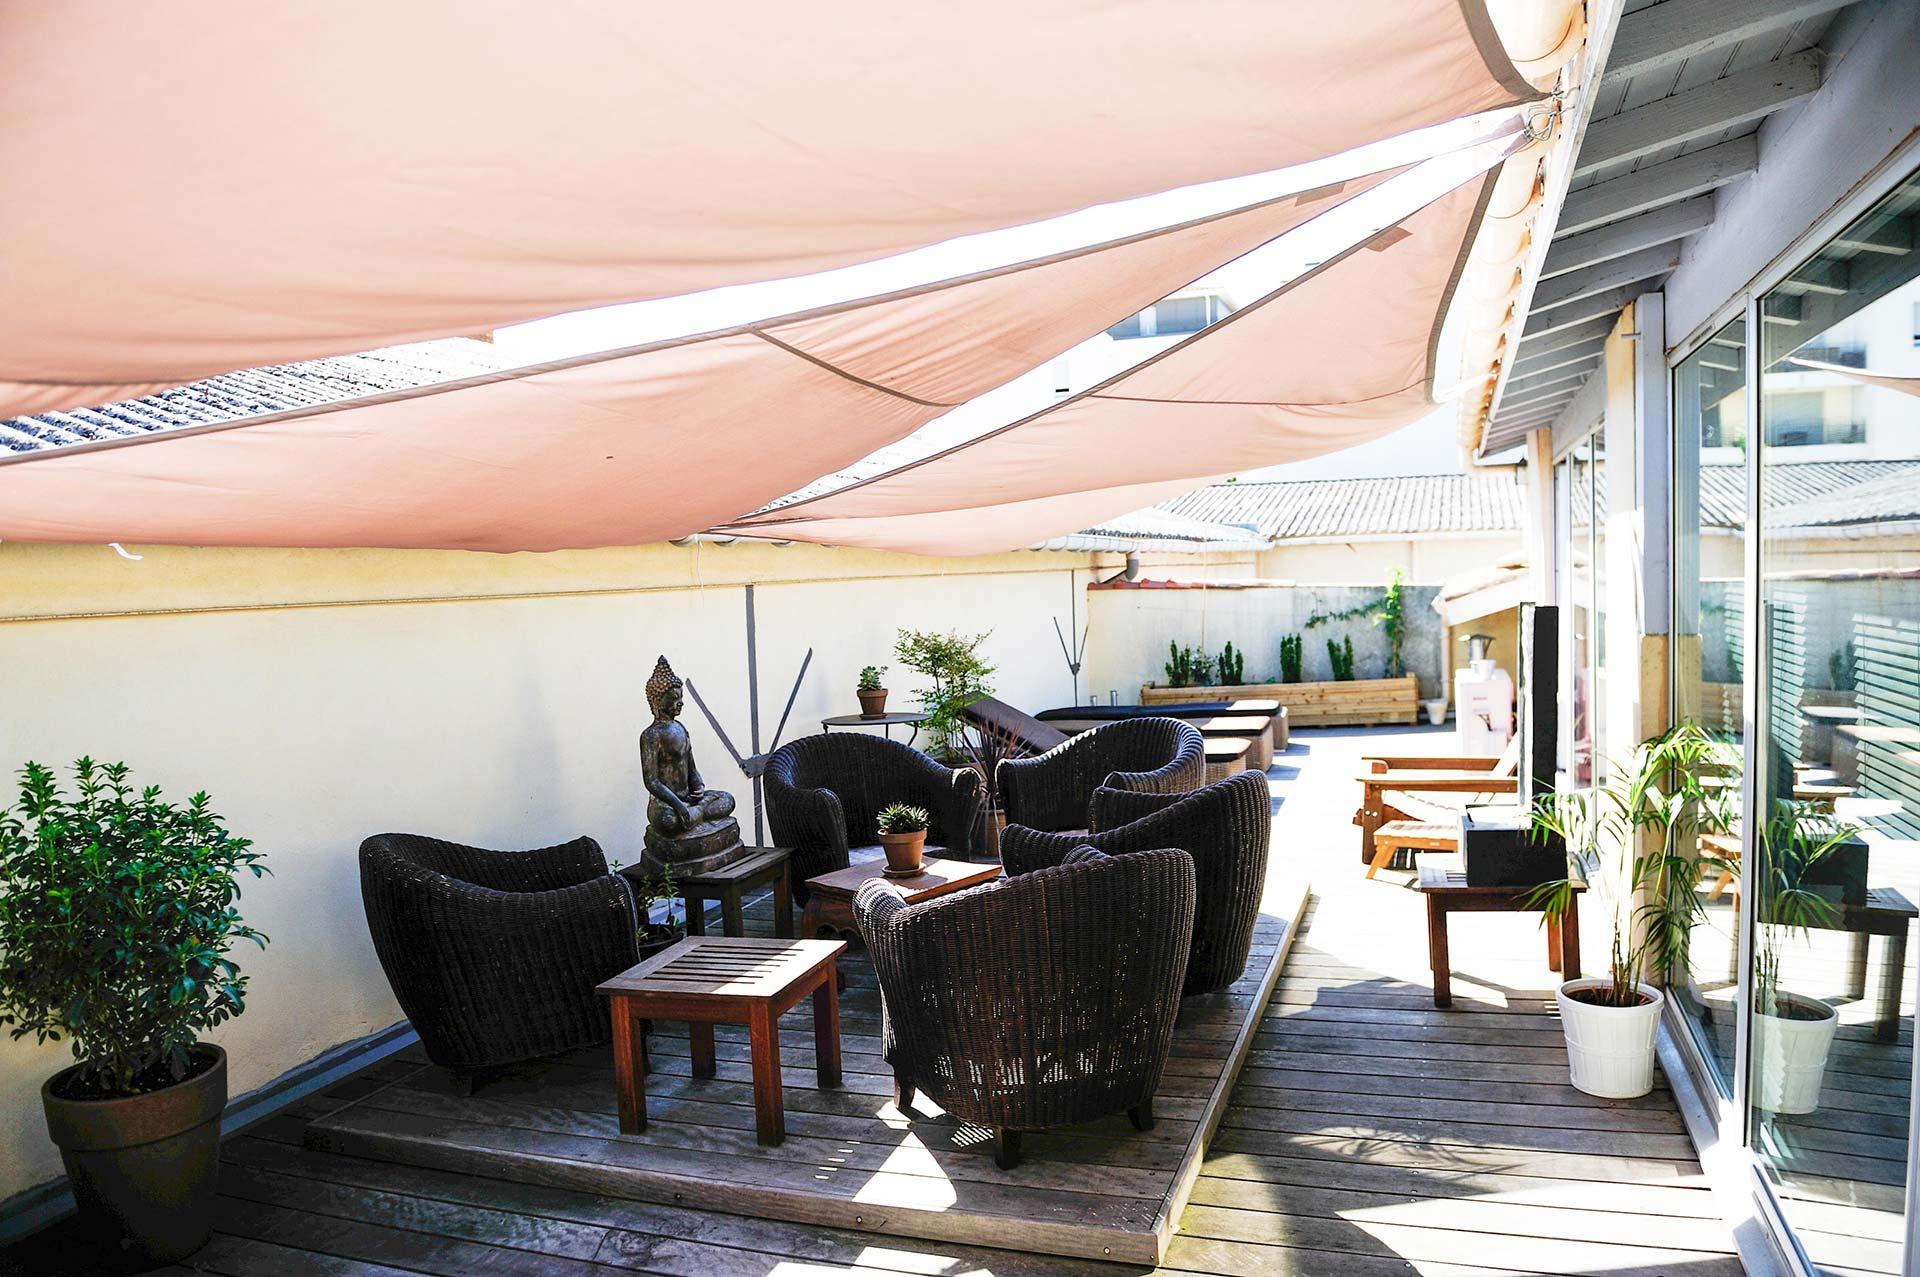 escale d tente spa de bordeaux massage hammam sauna jacuzzi bien tre relaxation beaut. Black Bedroom Furniture Sets. Home Design Ideas